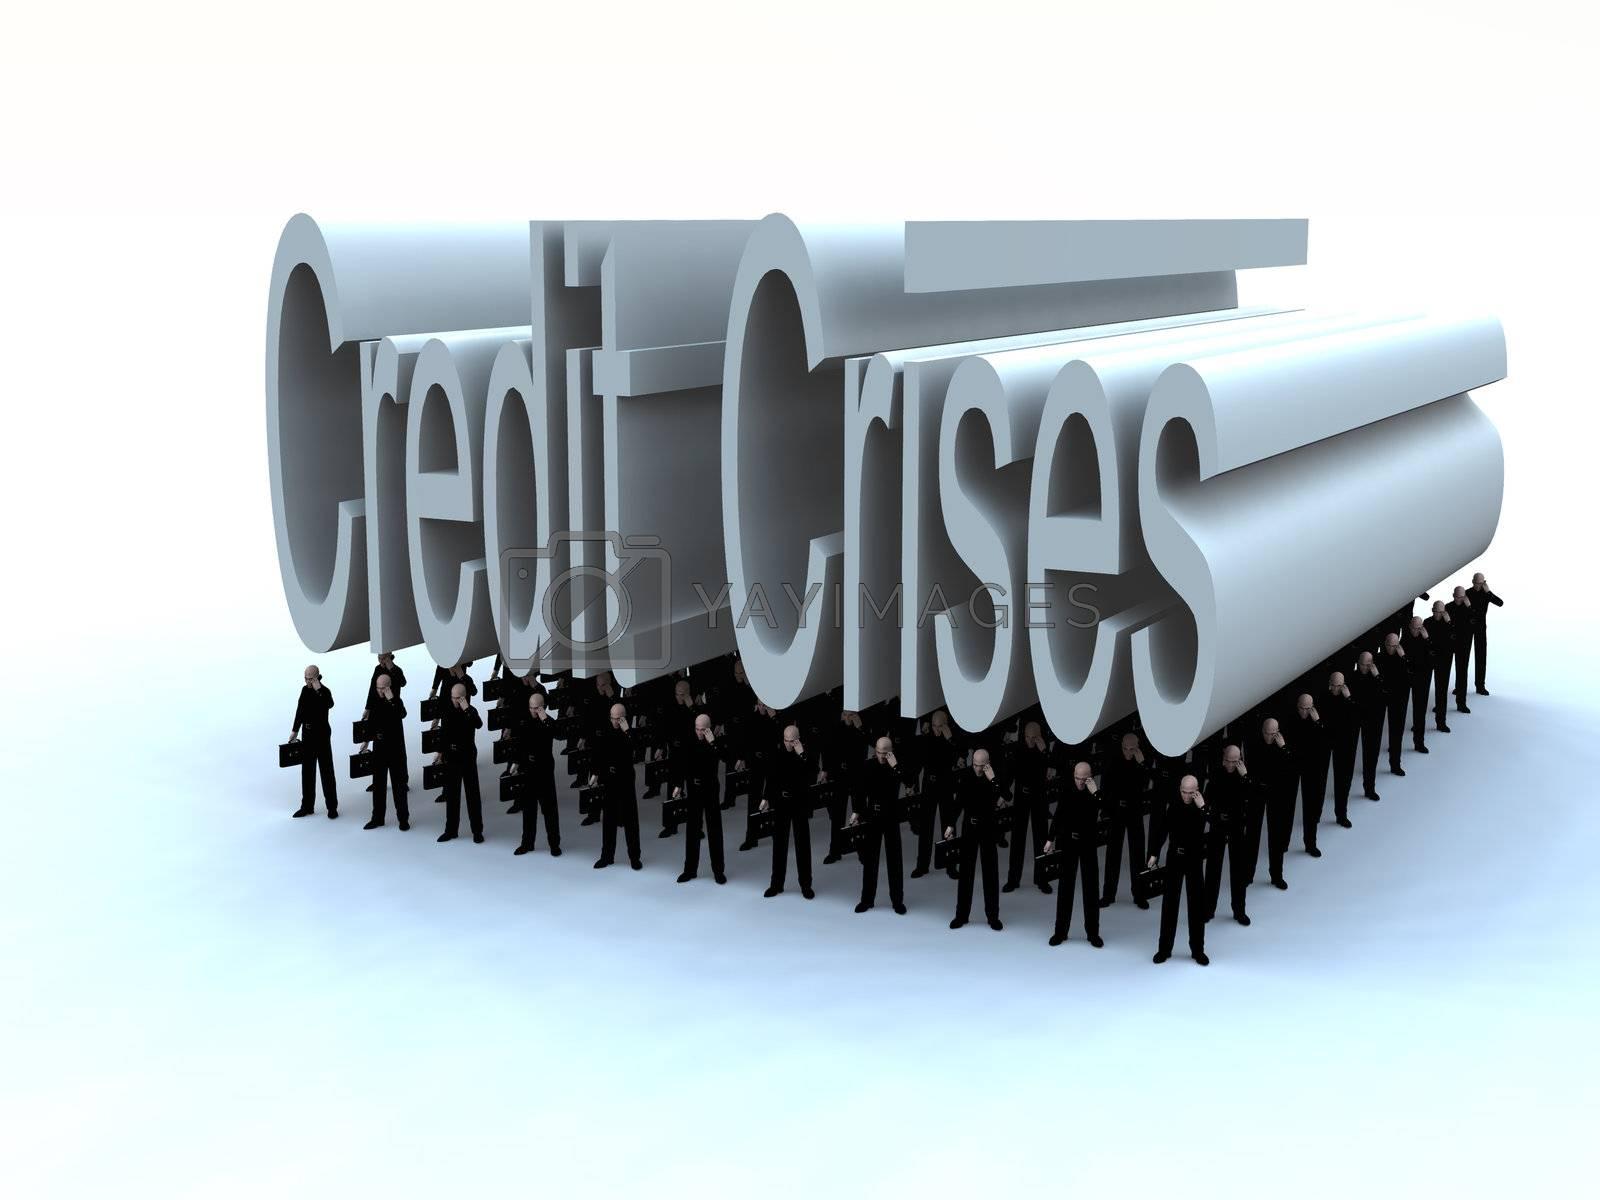 Royalty free image of Businessmen Under The Credit Crises  by harveysart